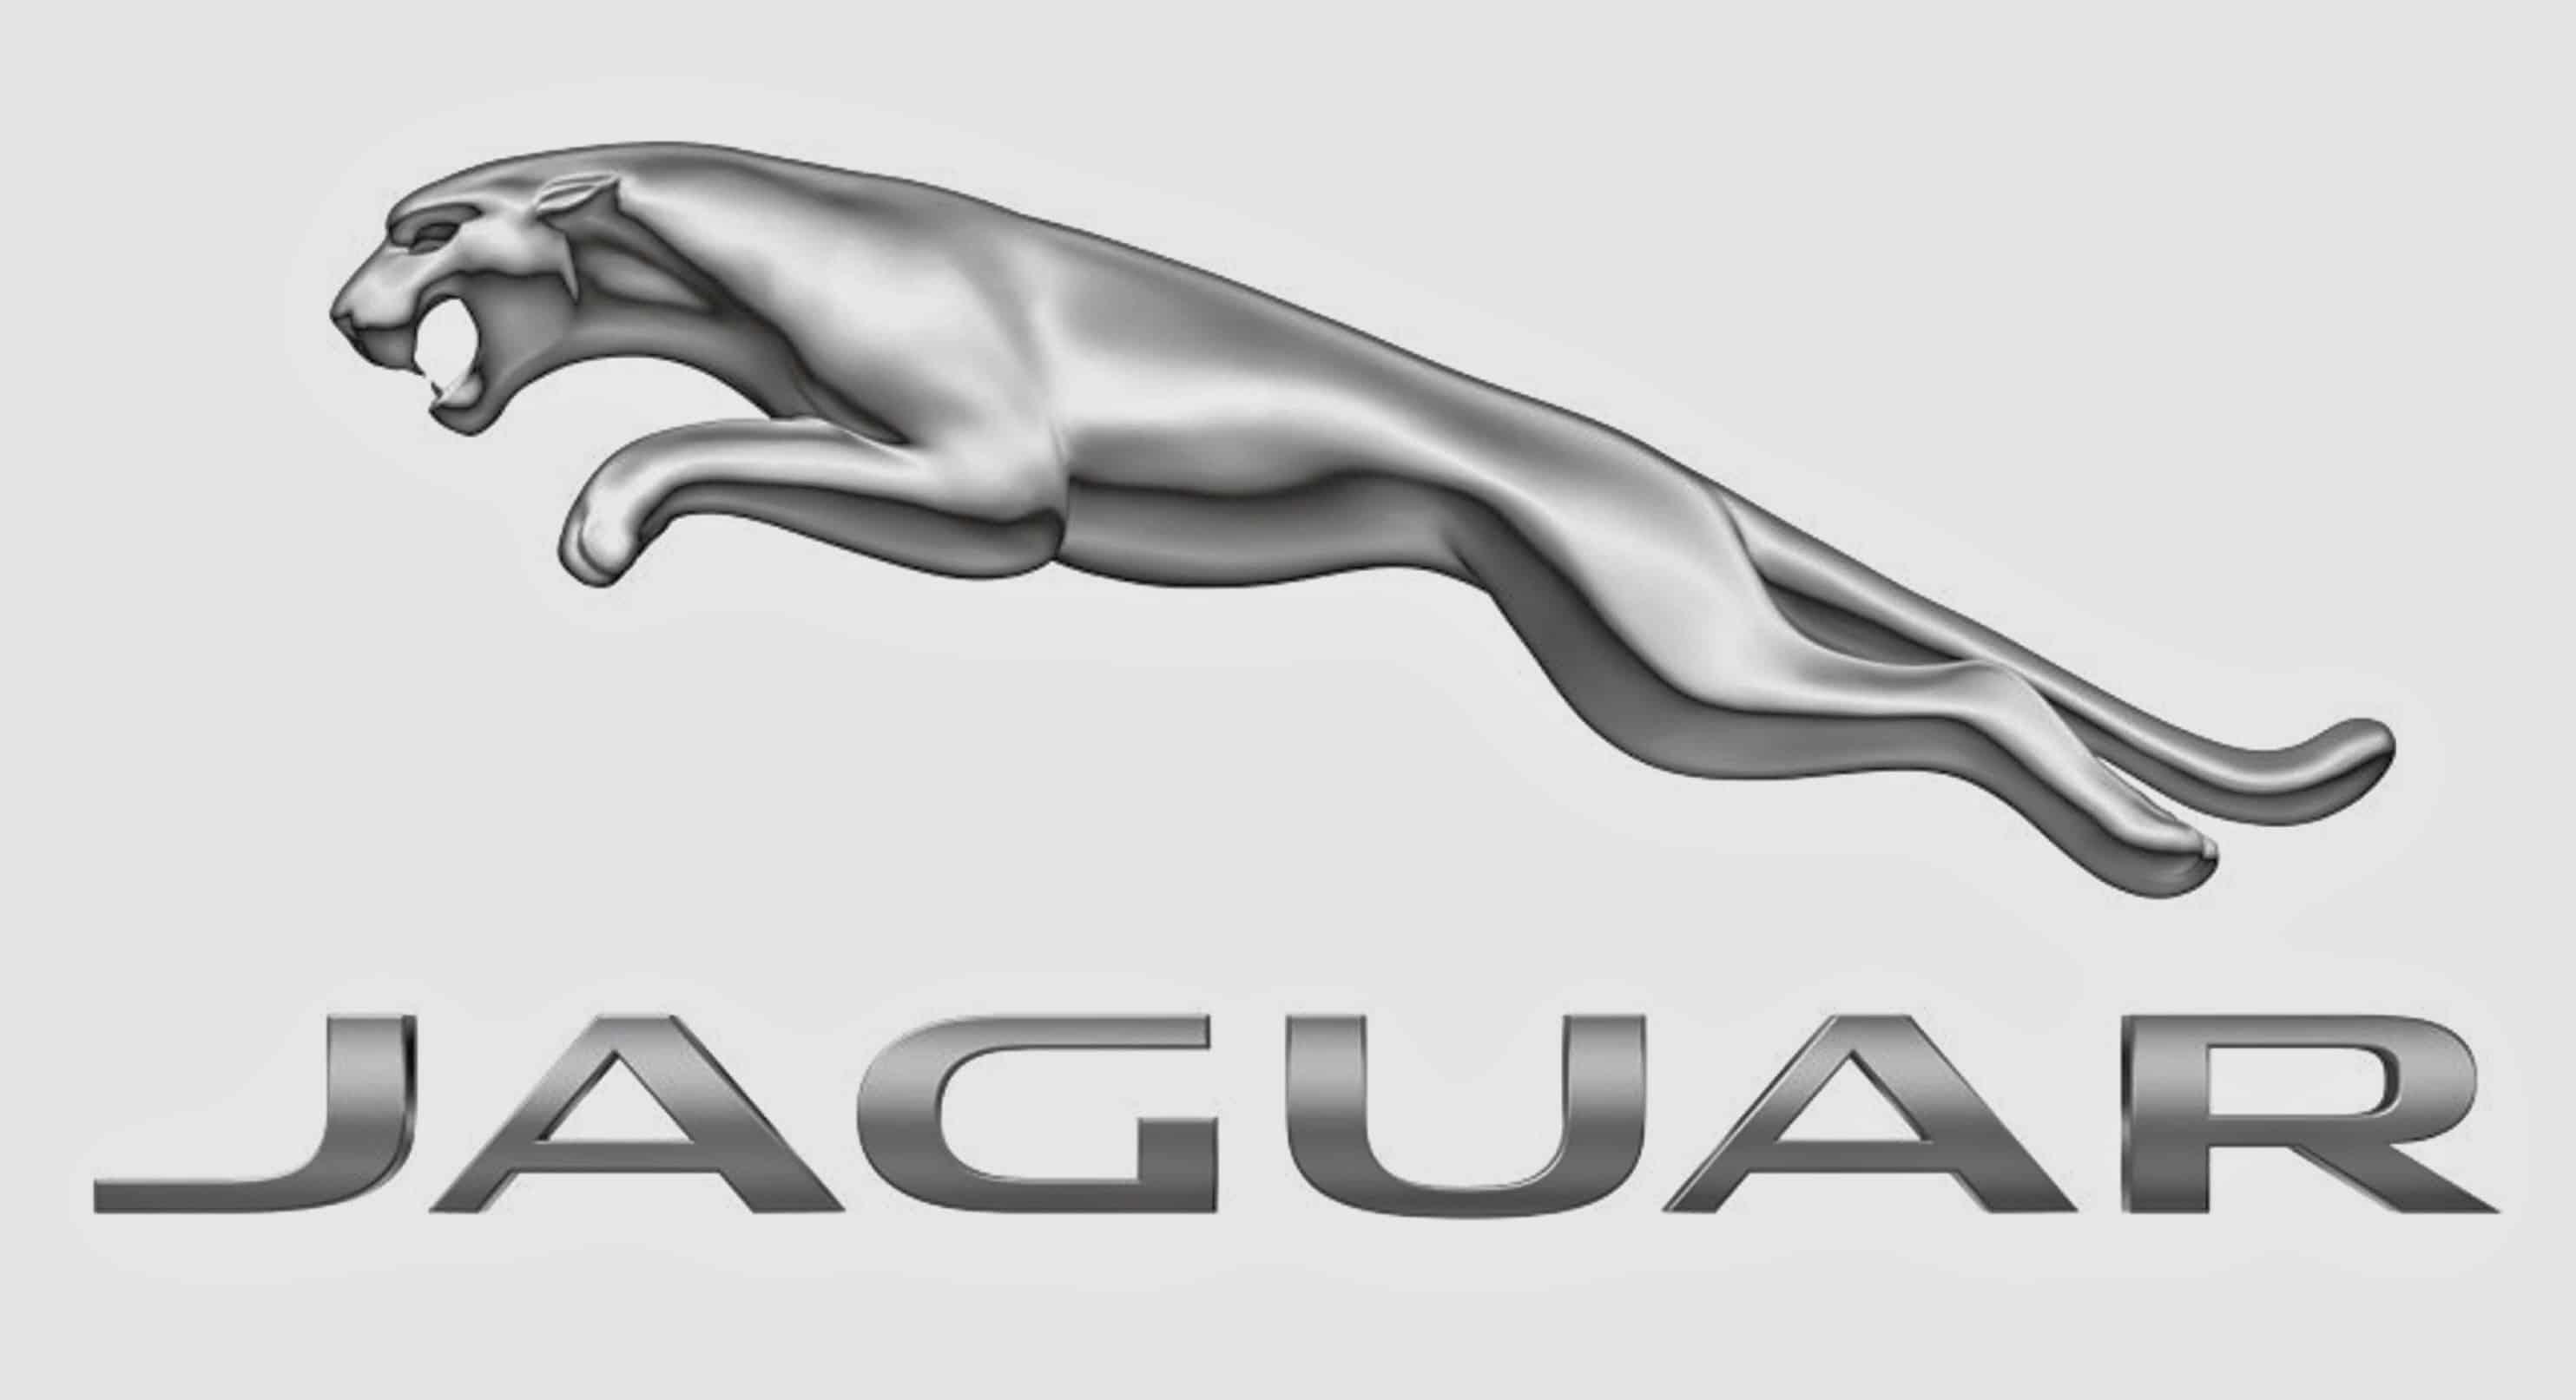 20-те най-известни марки коли и историята на тяхното лого - Muse Creativity студио за реклама и дизайн (2)